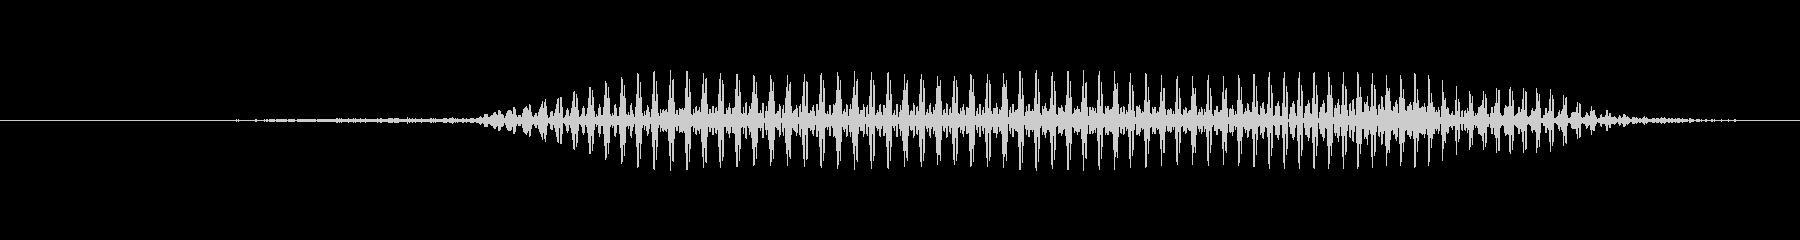 鳴き声 雄グランブル悲しい03の未再生の波形